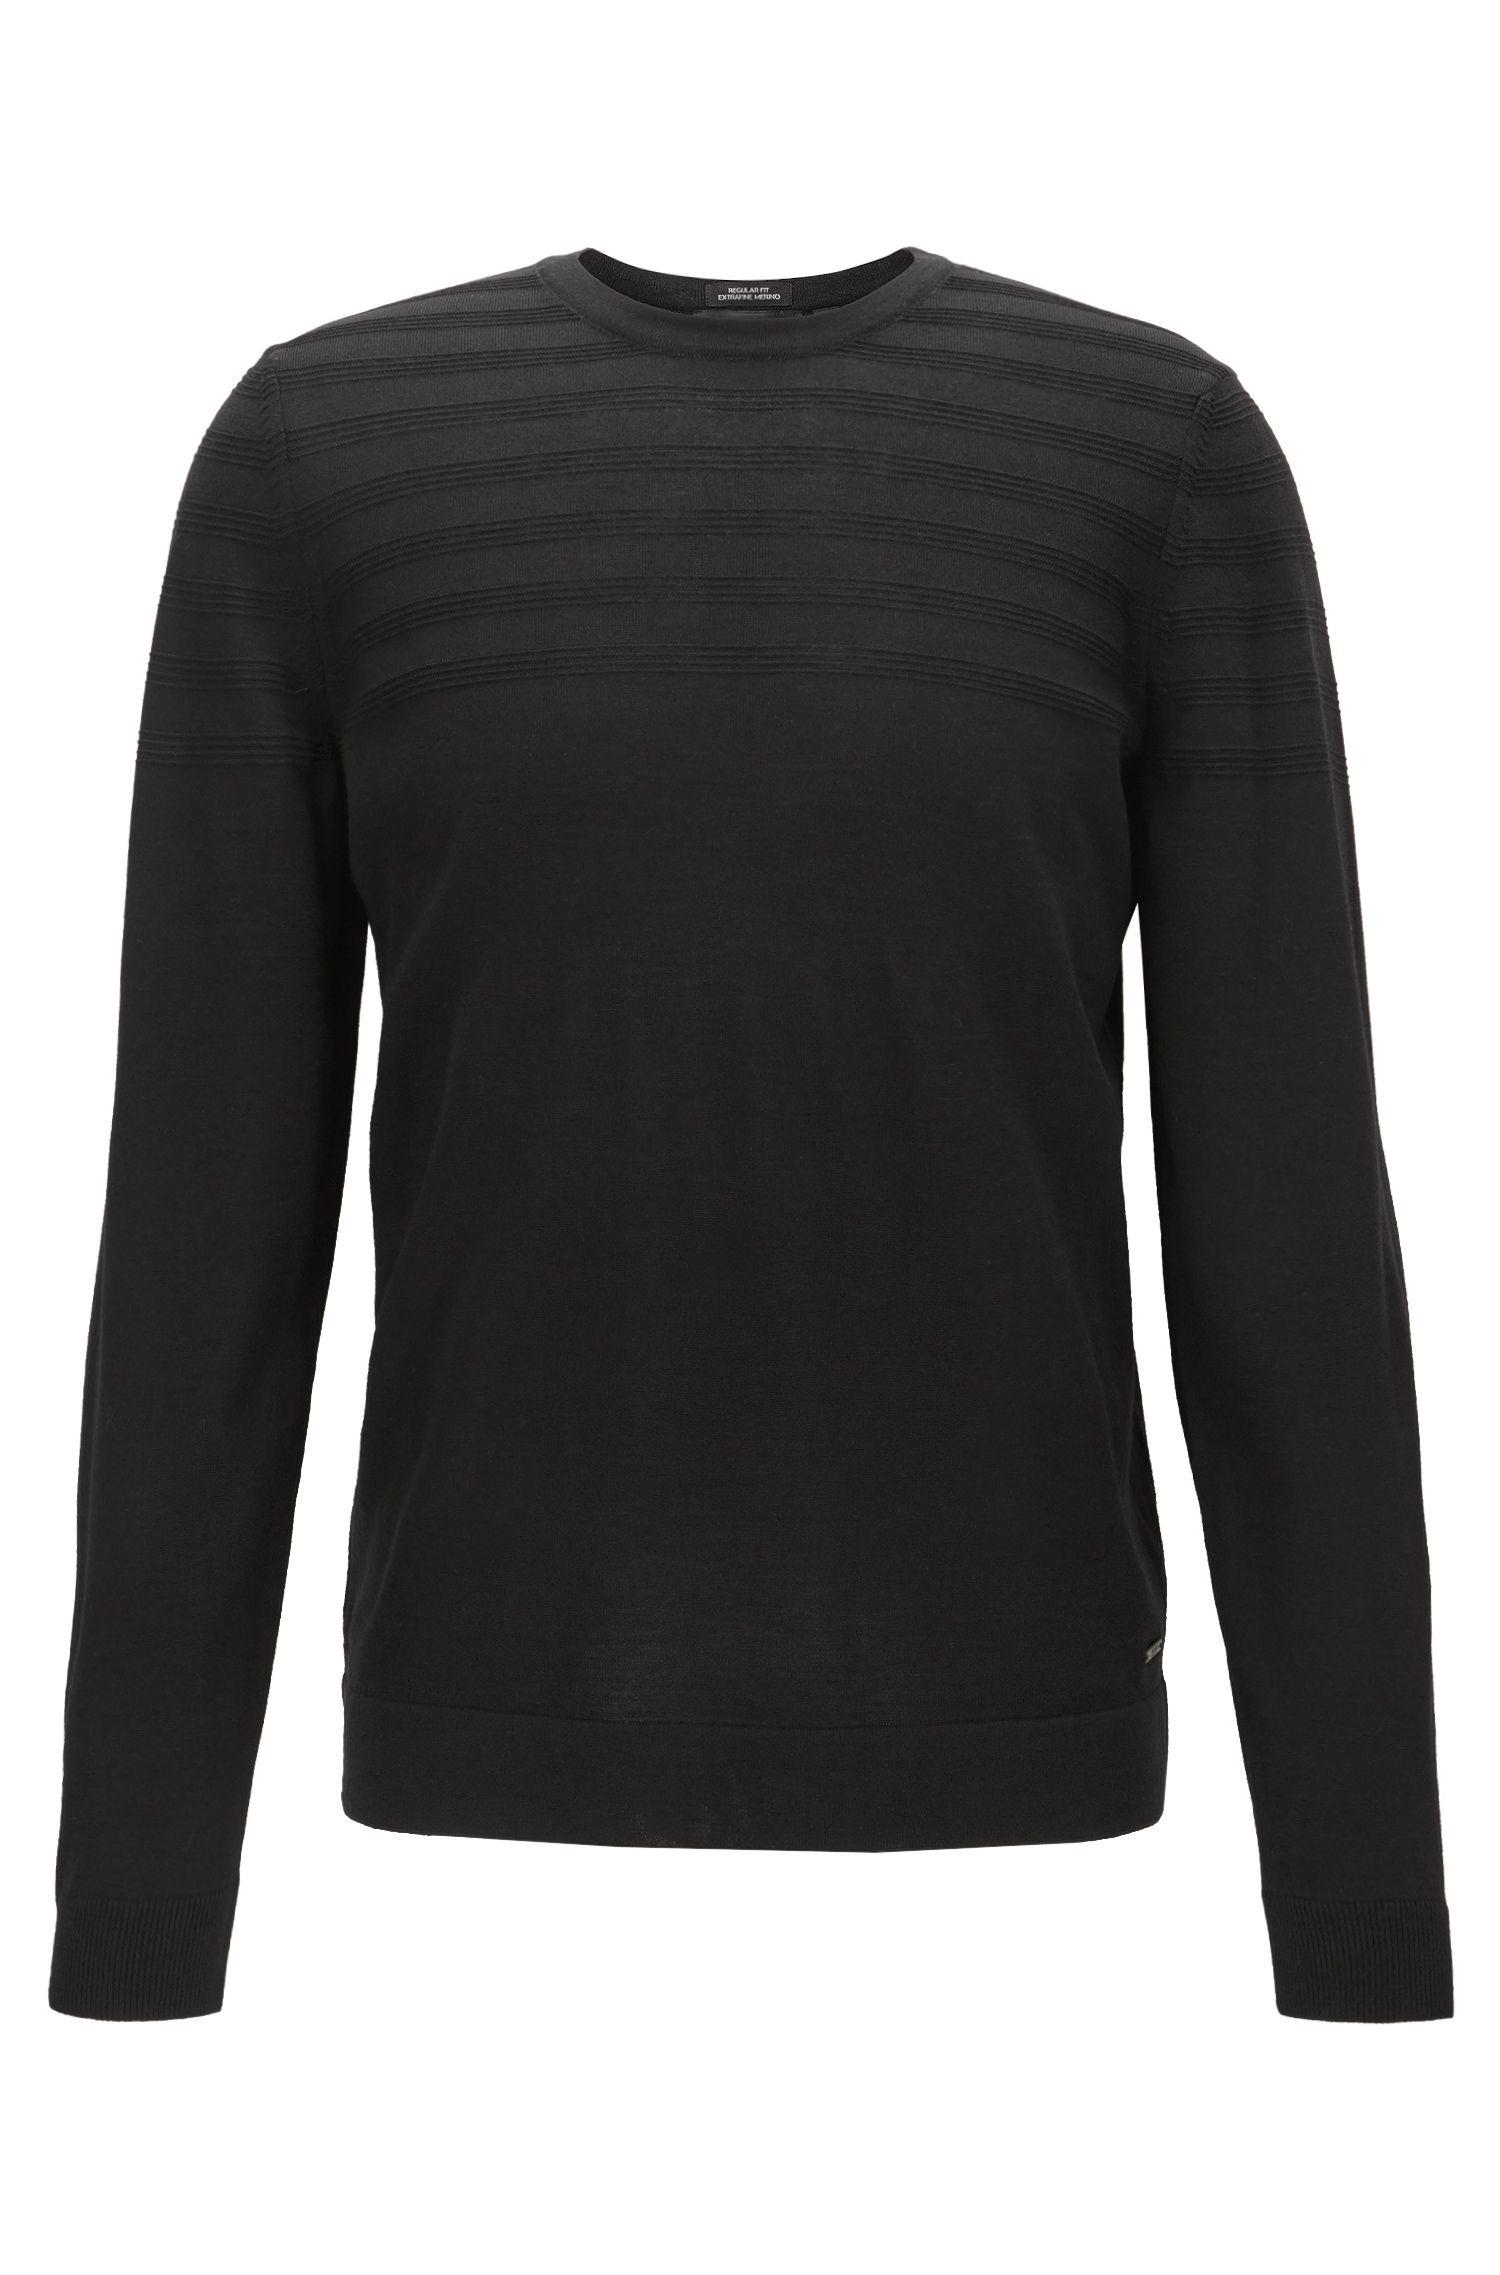 Tonal Striped Stretch Extra-Fine Merino Sweater | Poggino, Black